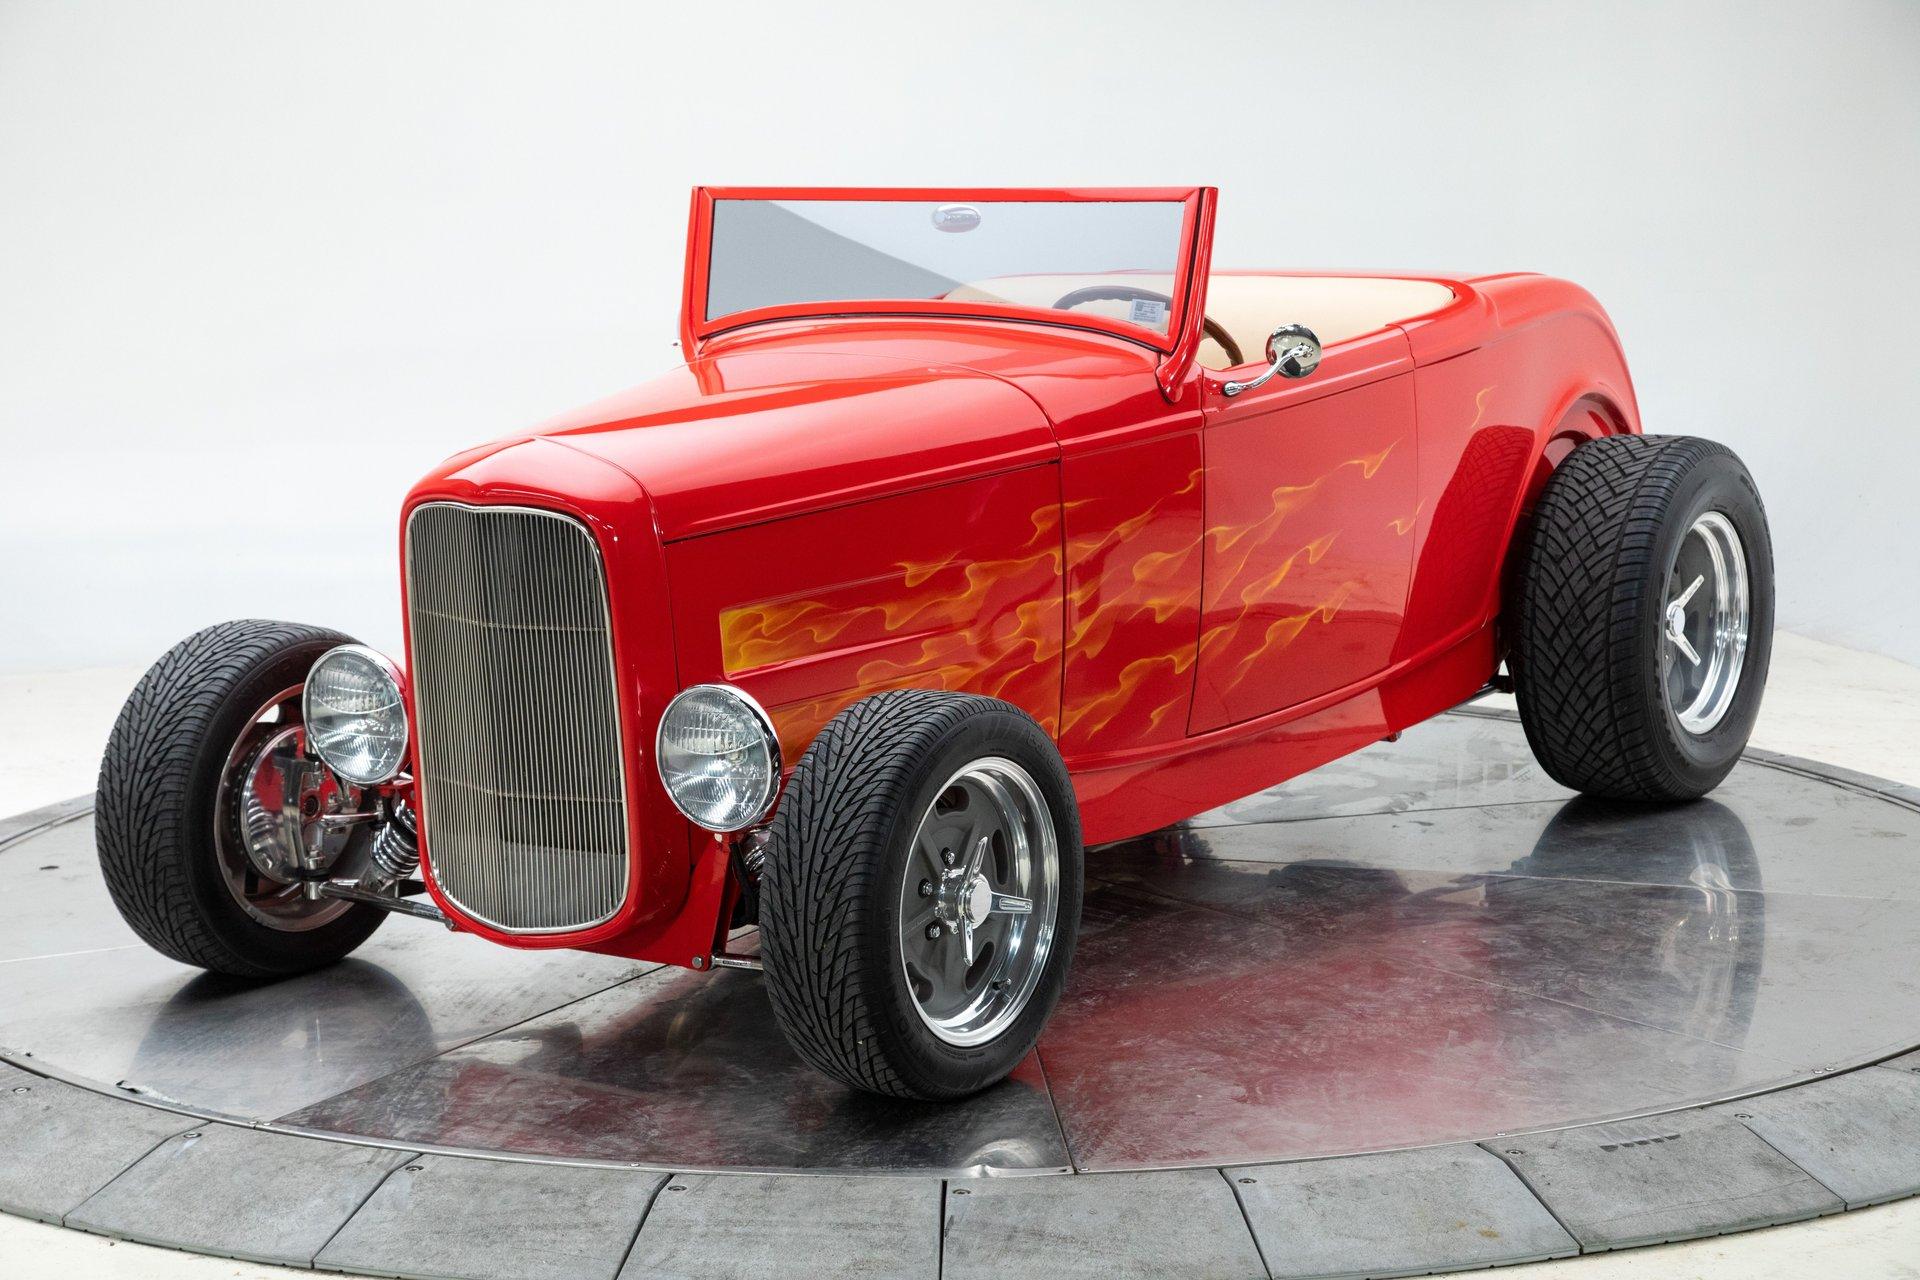 1932 フォード ハイボーイ ロードスター ストリート ロッド